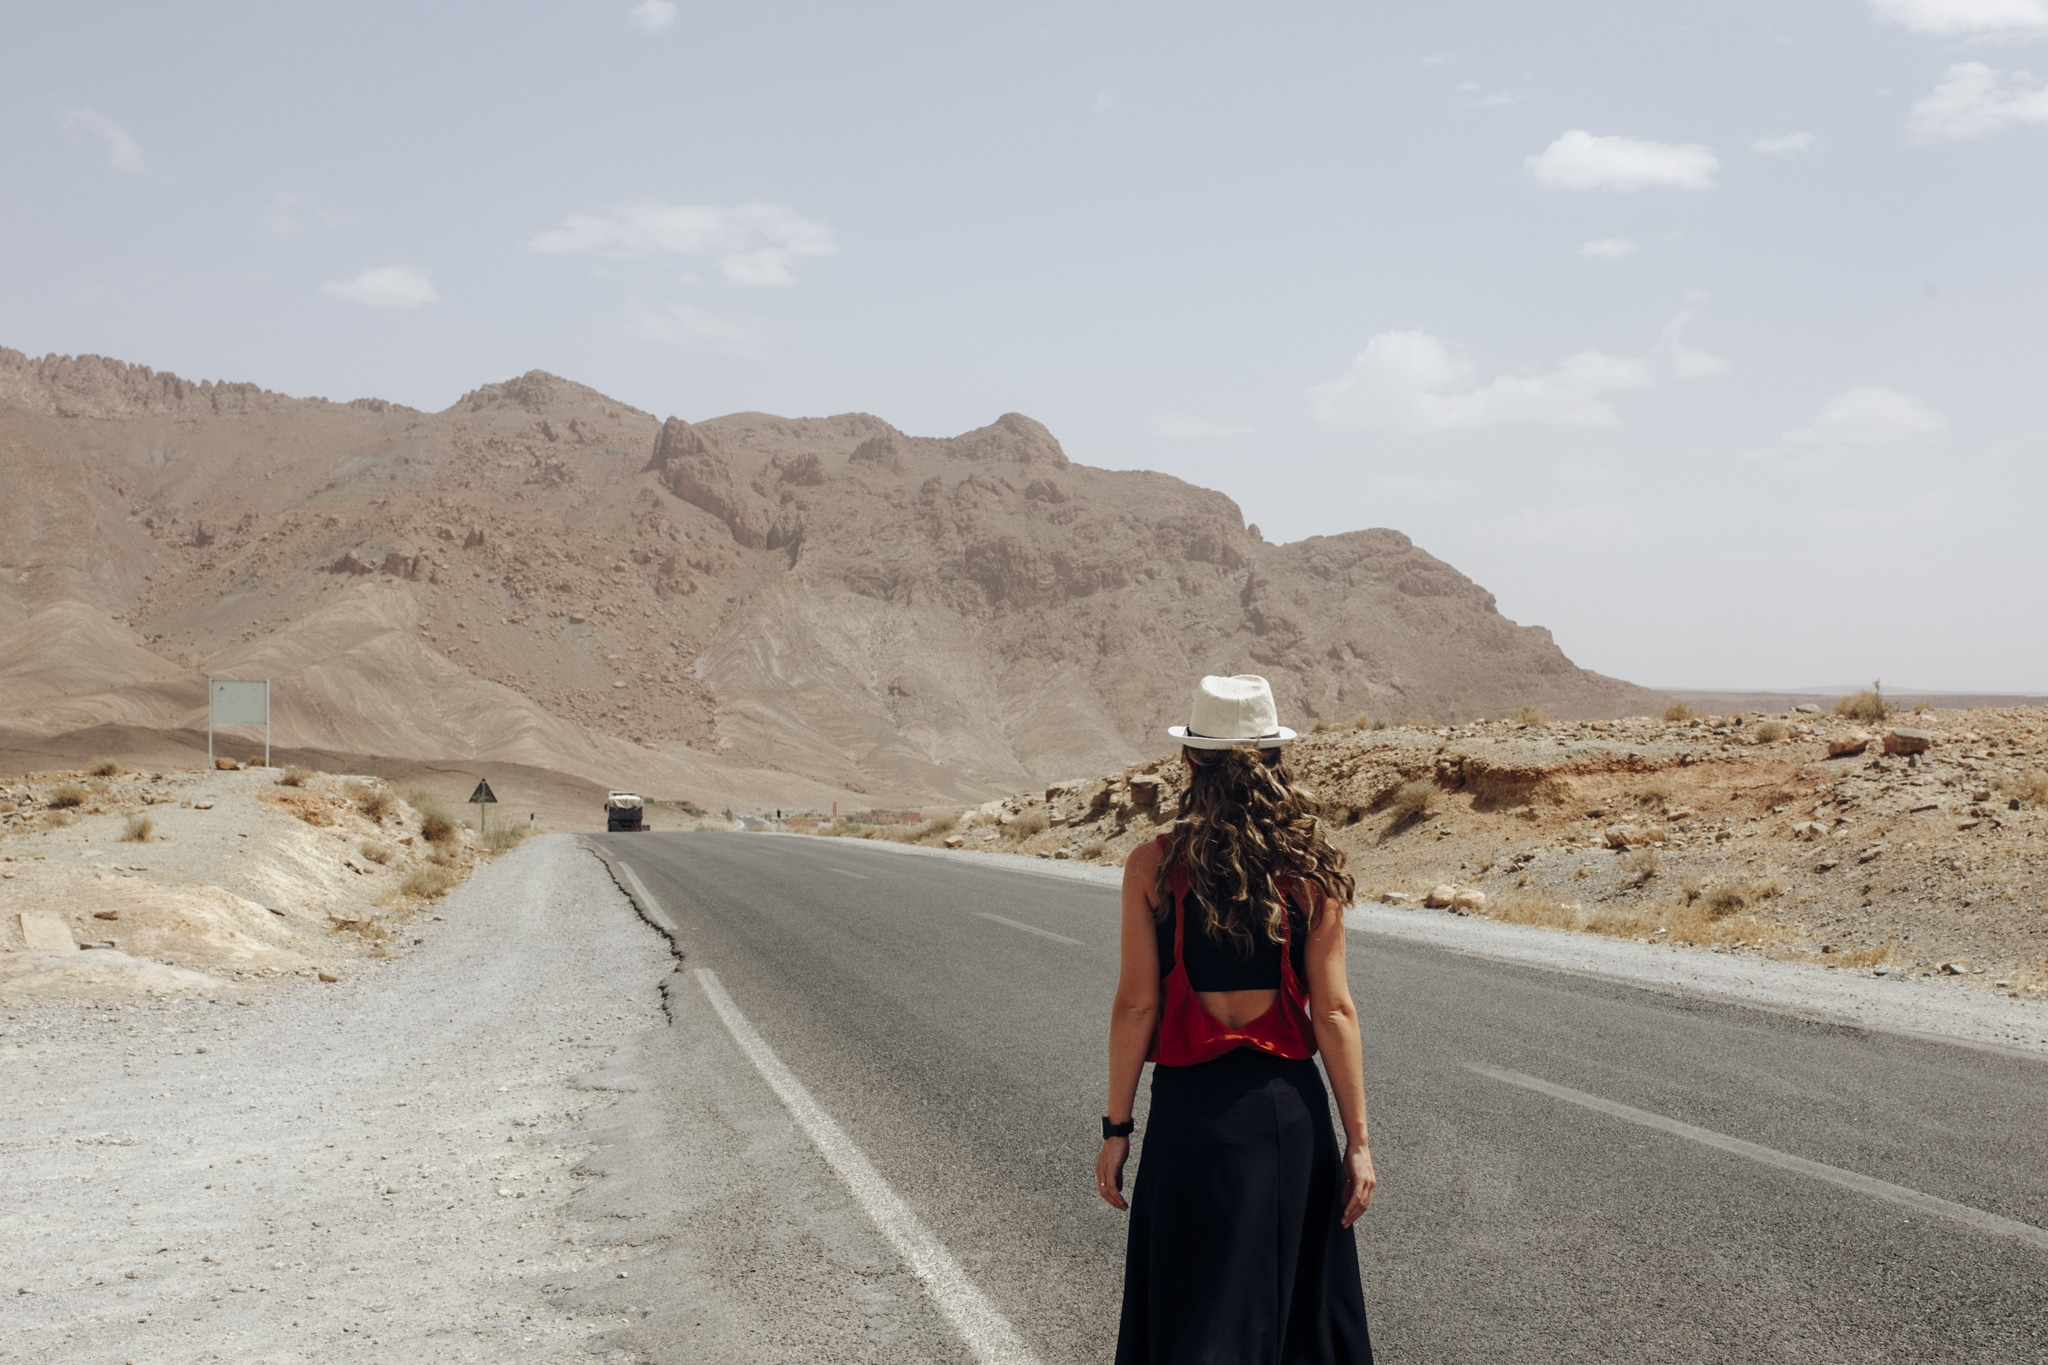 Views from outside Bab Sahra Errachidia